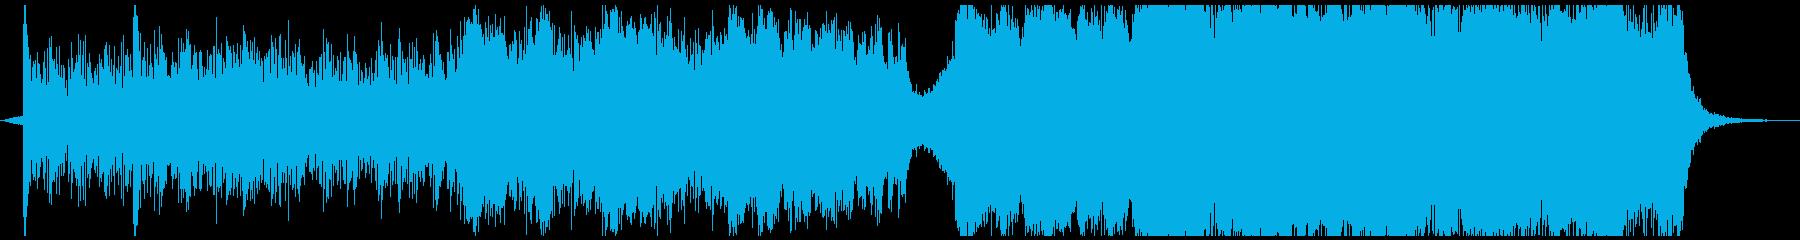 ハイテンポなエピック系バトル曲の再生済みの波形